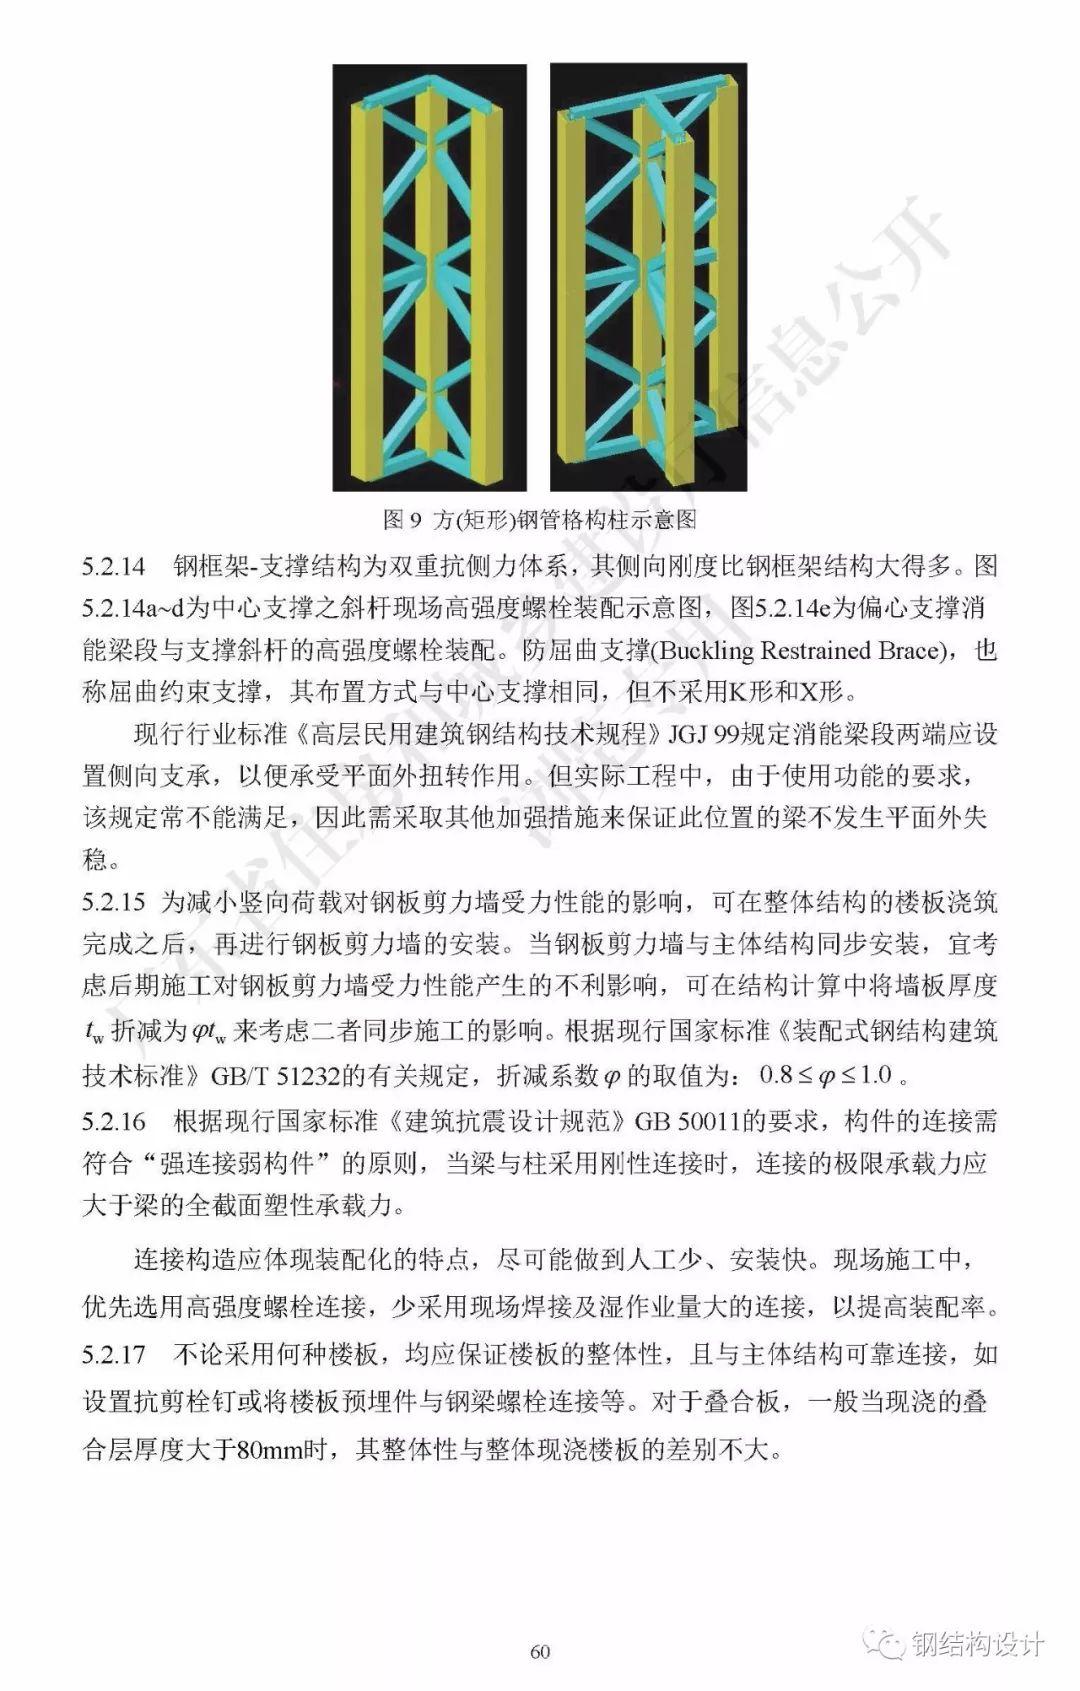 广东省《装配式钢结构建筑技术规程》发布_70